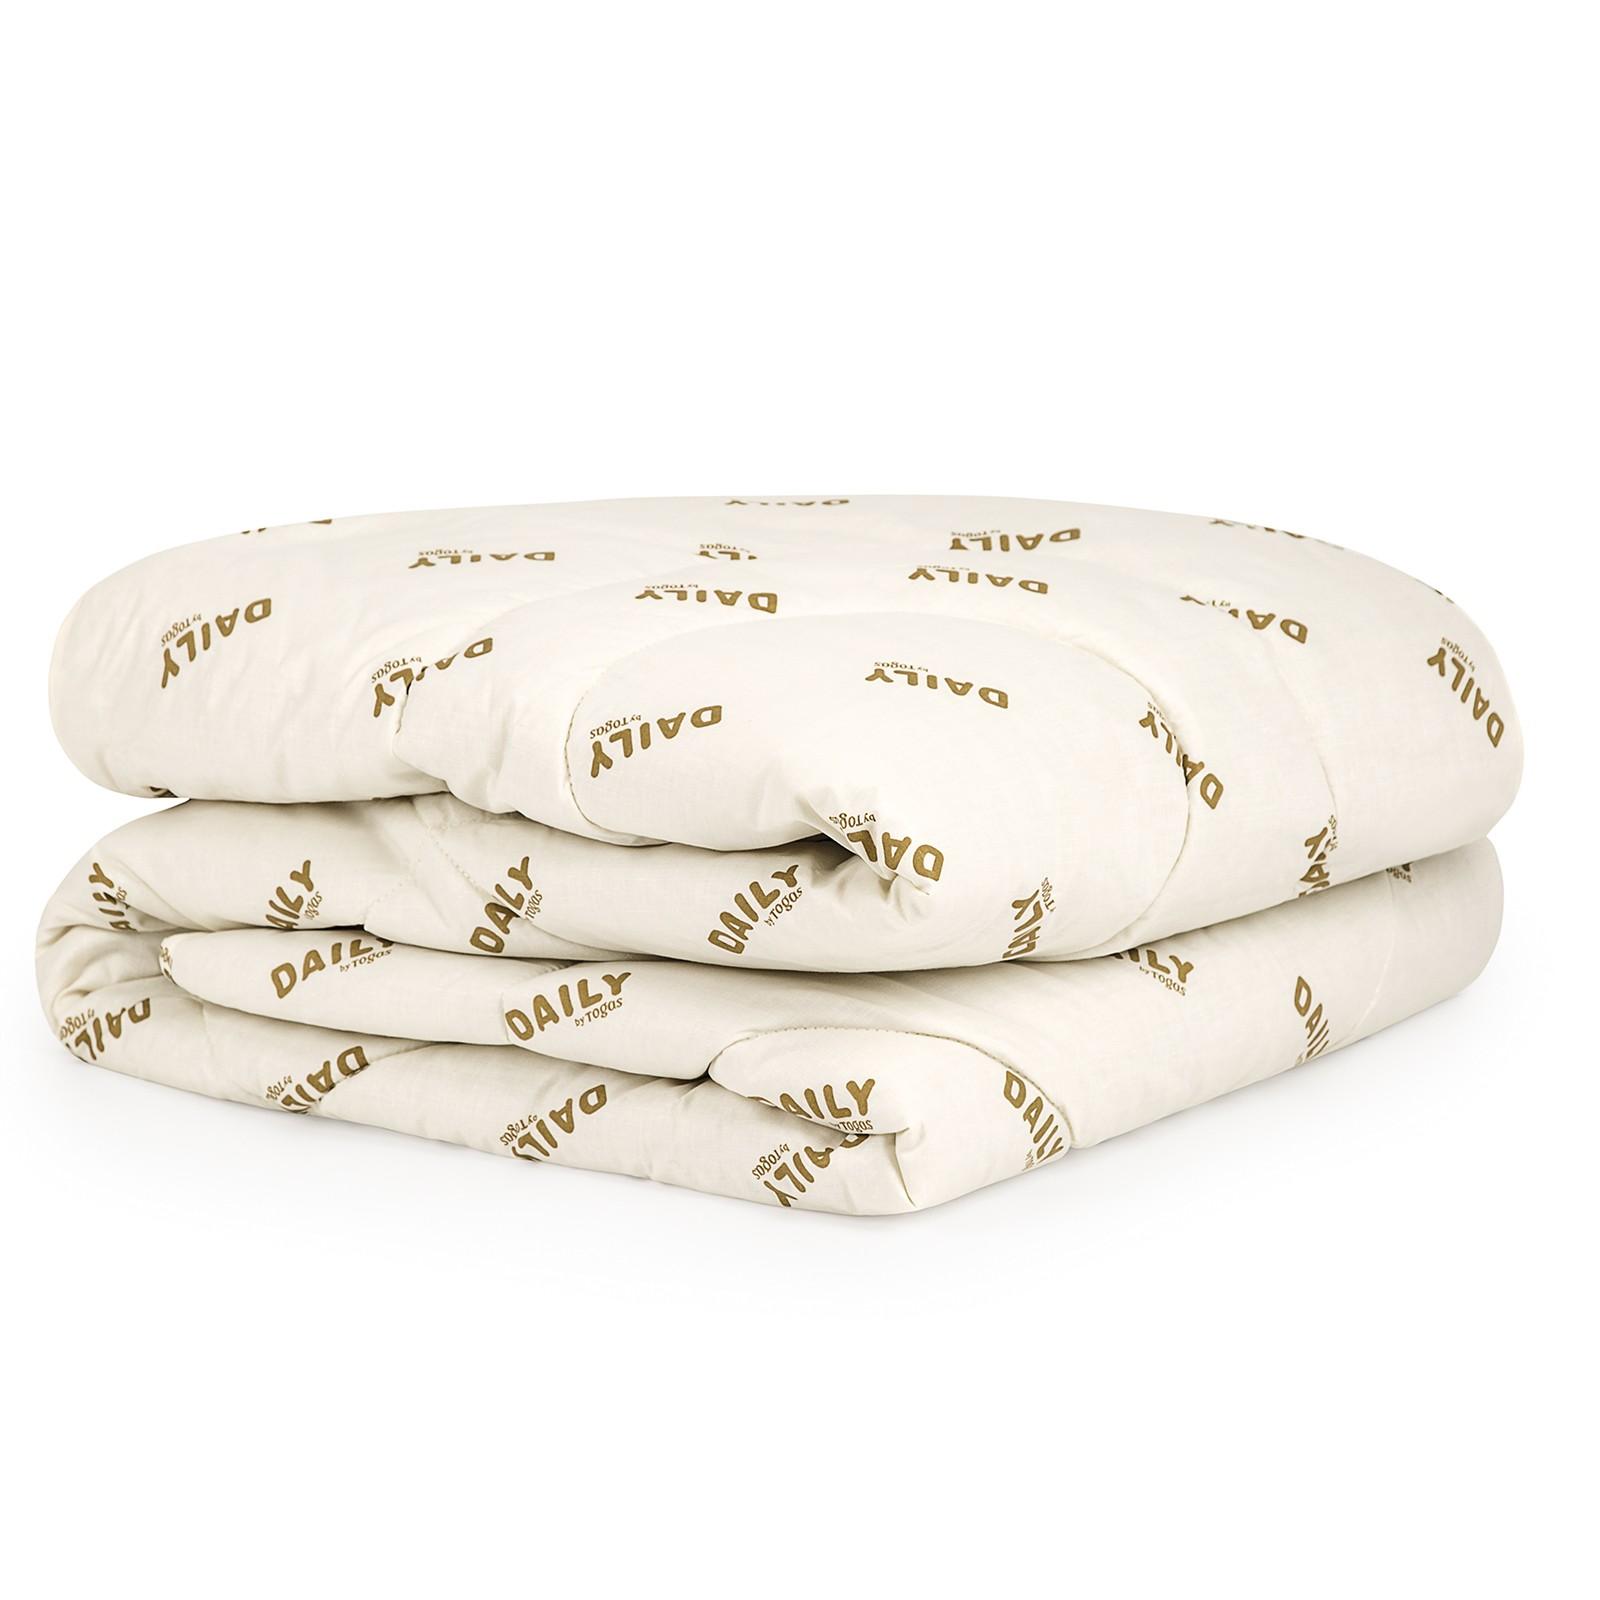 где купить Одеяла DAILY by T Одеяло Шерстяное Легкое (175х200 см) по лучшей цене